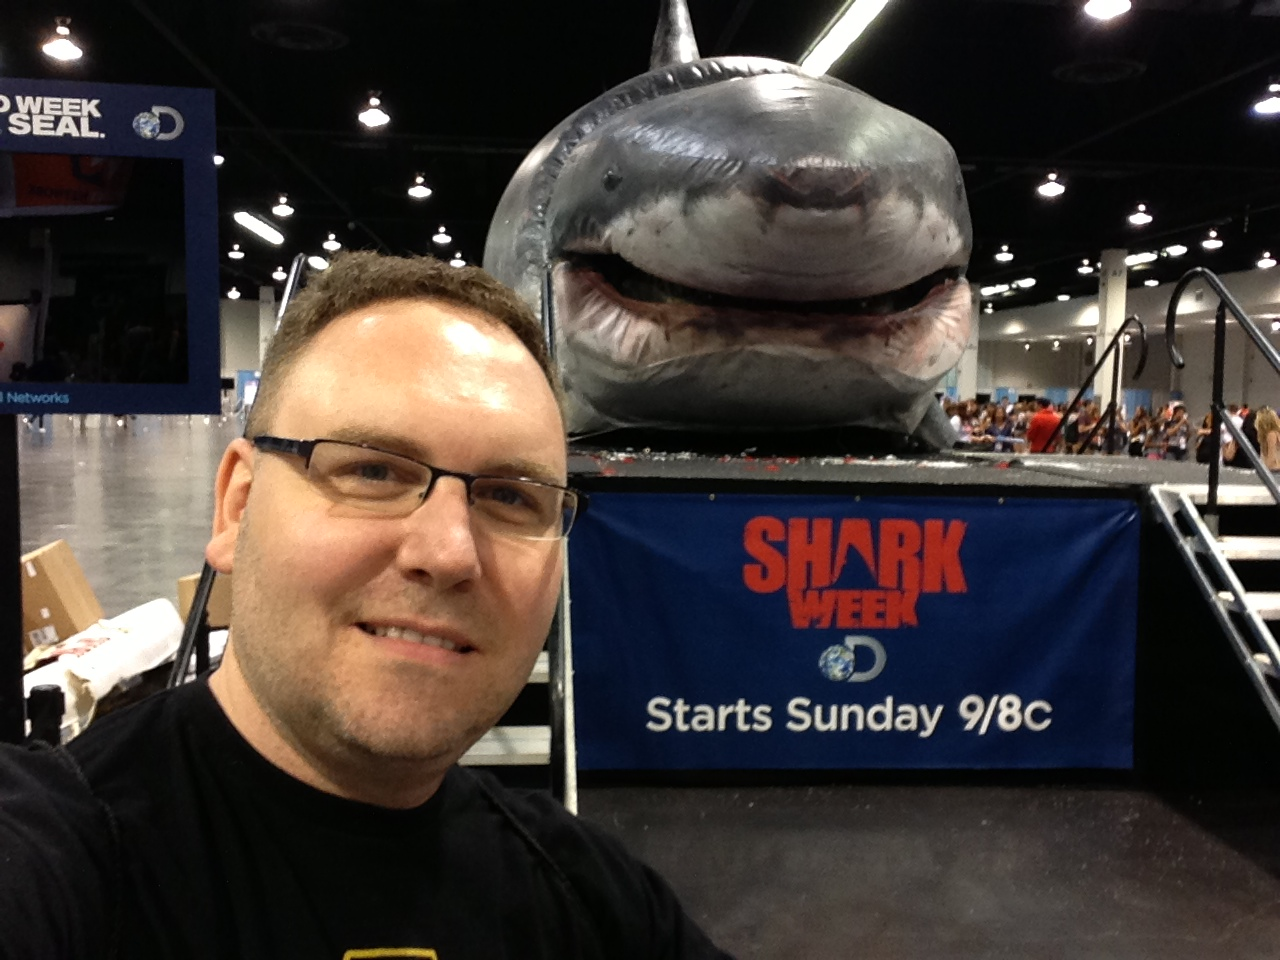 vidcon-sharkweek